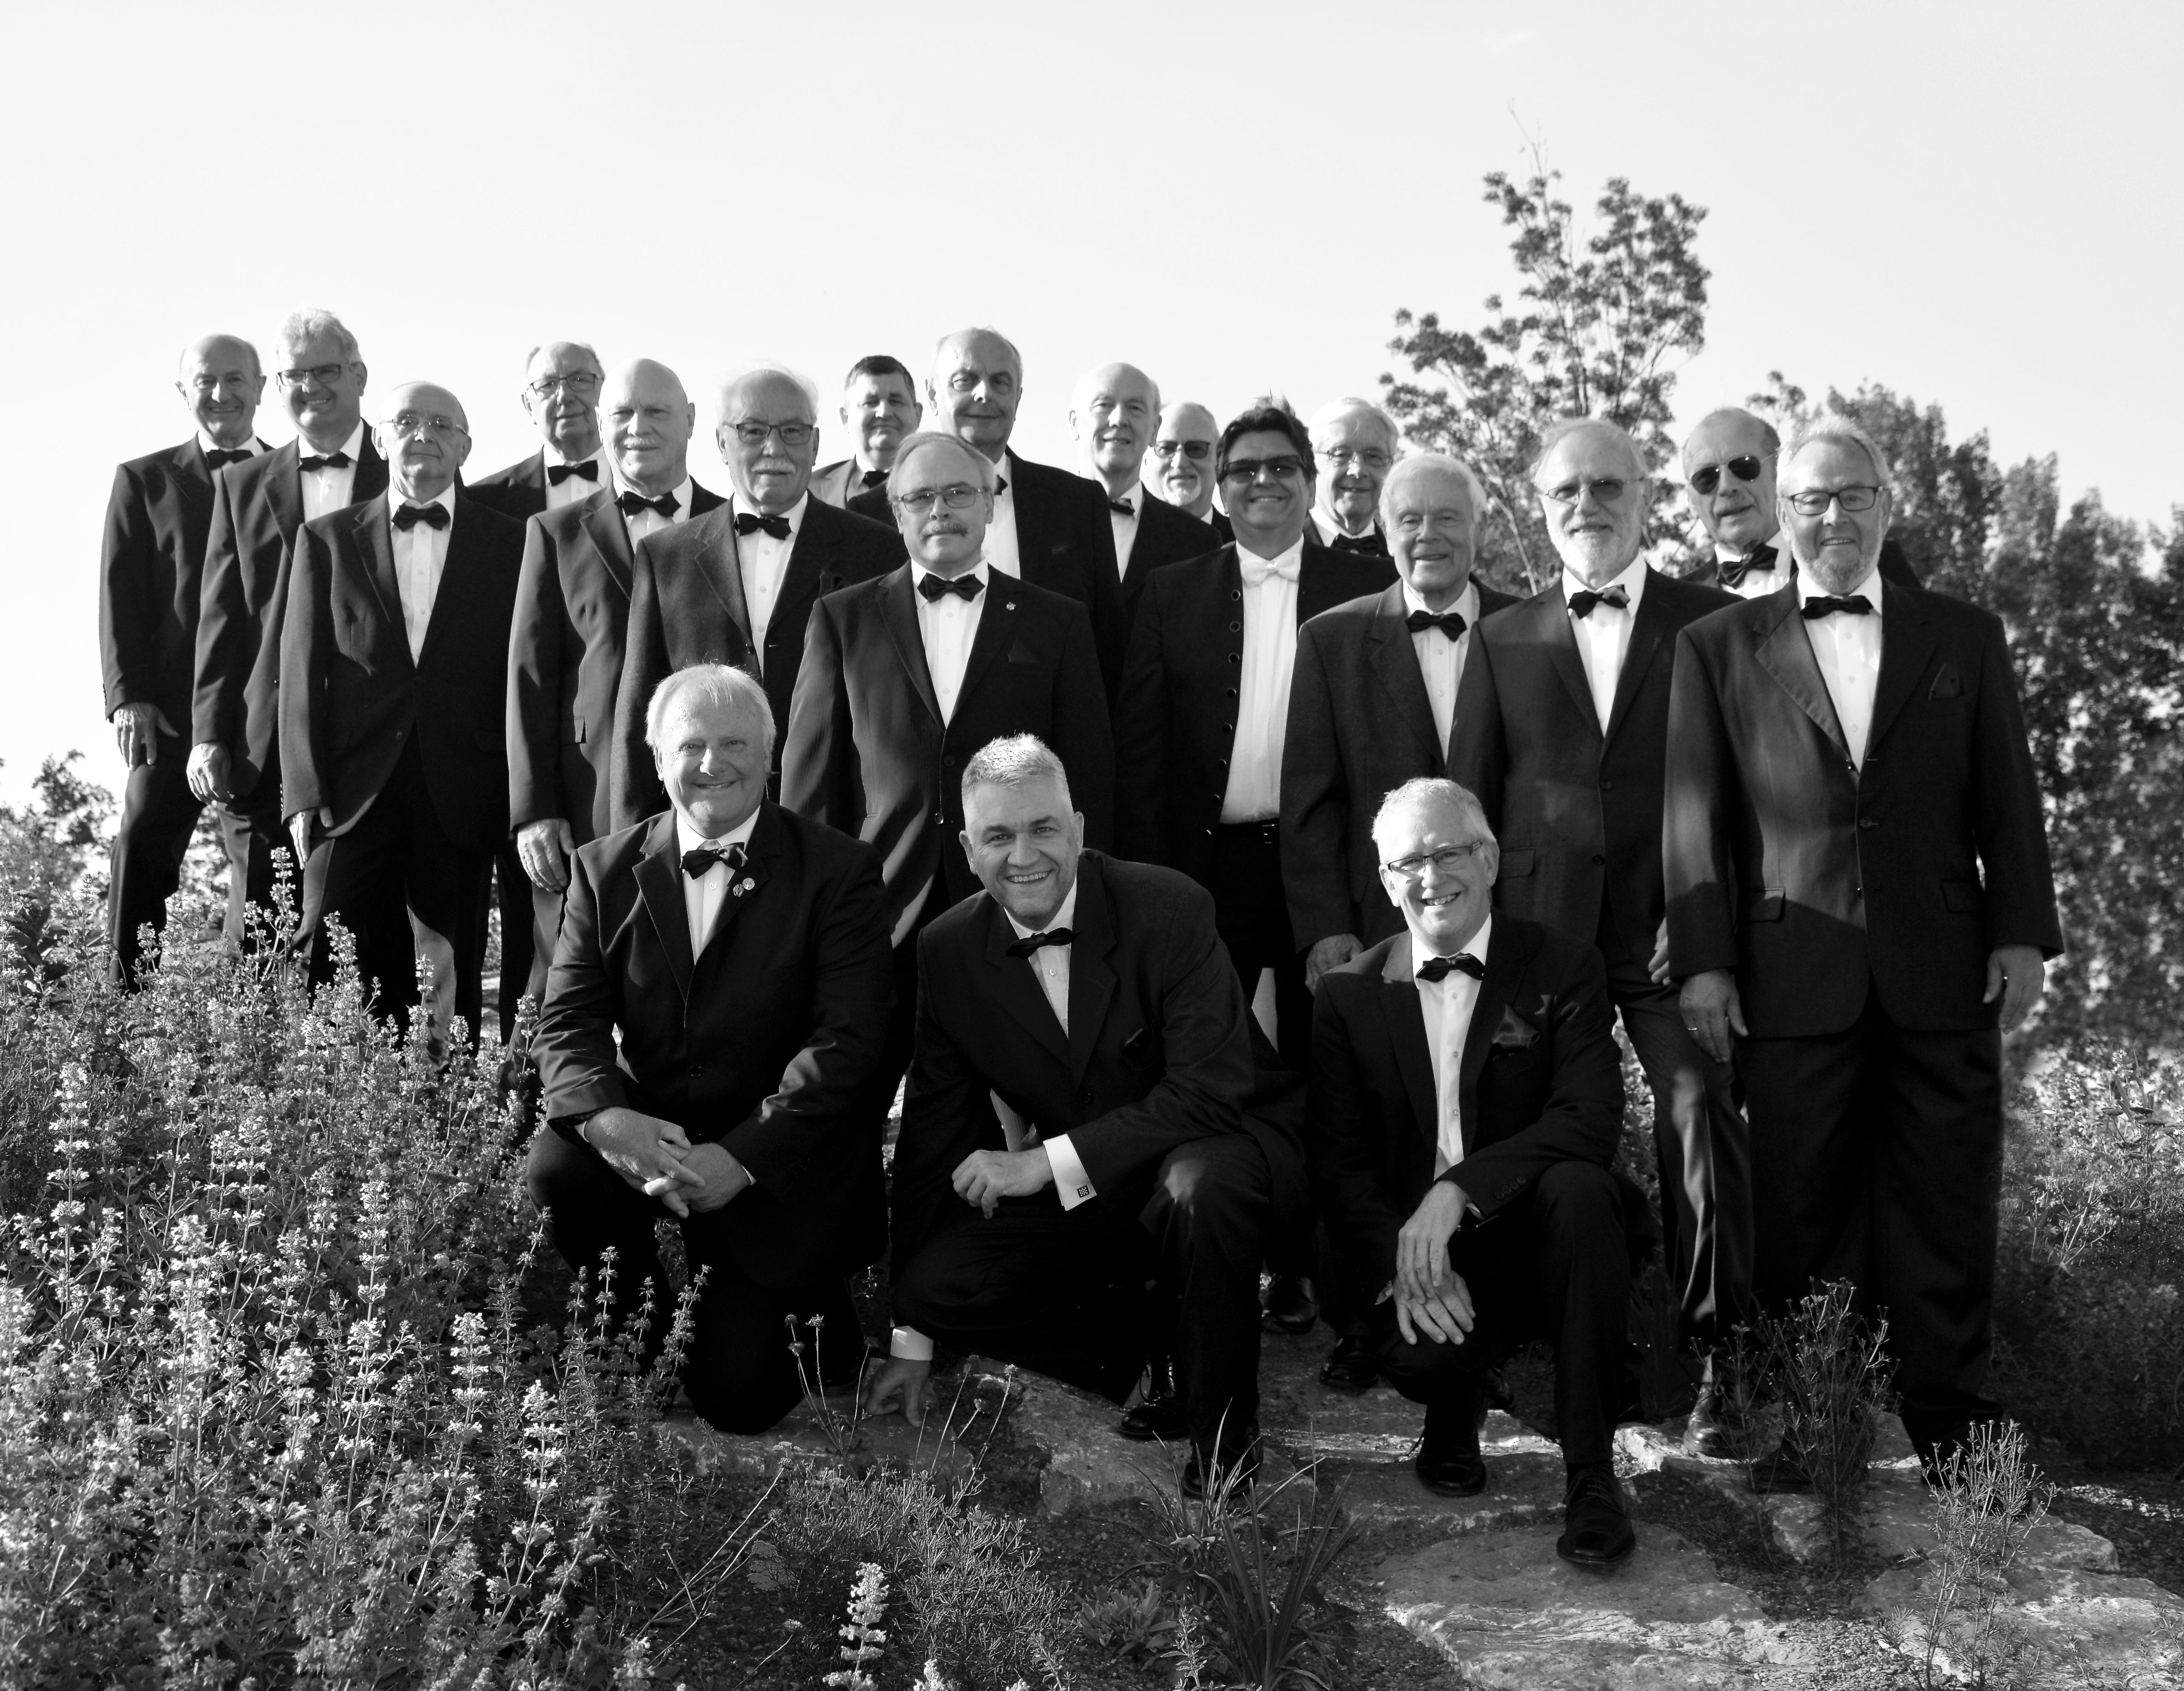 Die Akiven des Gesangverein Frohsinn Alzenau e.V. im Jahre 2010.